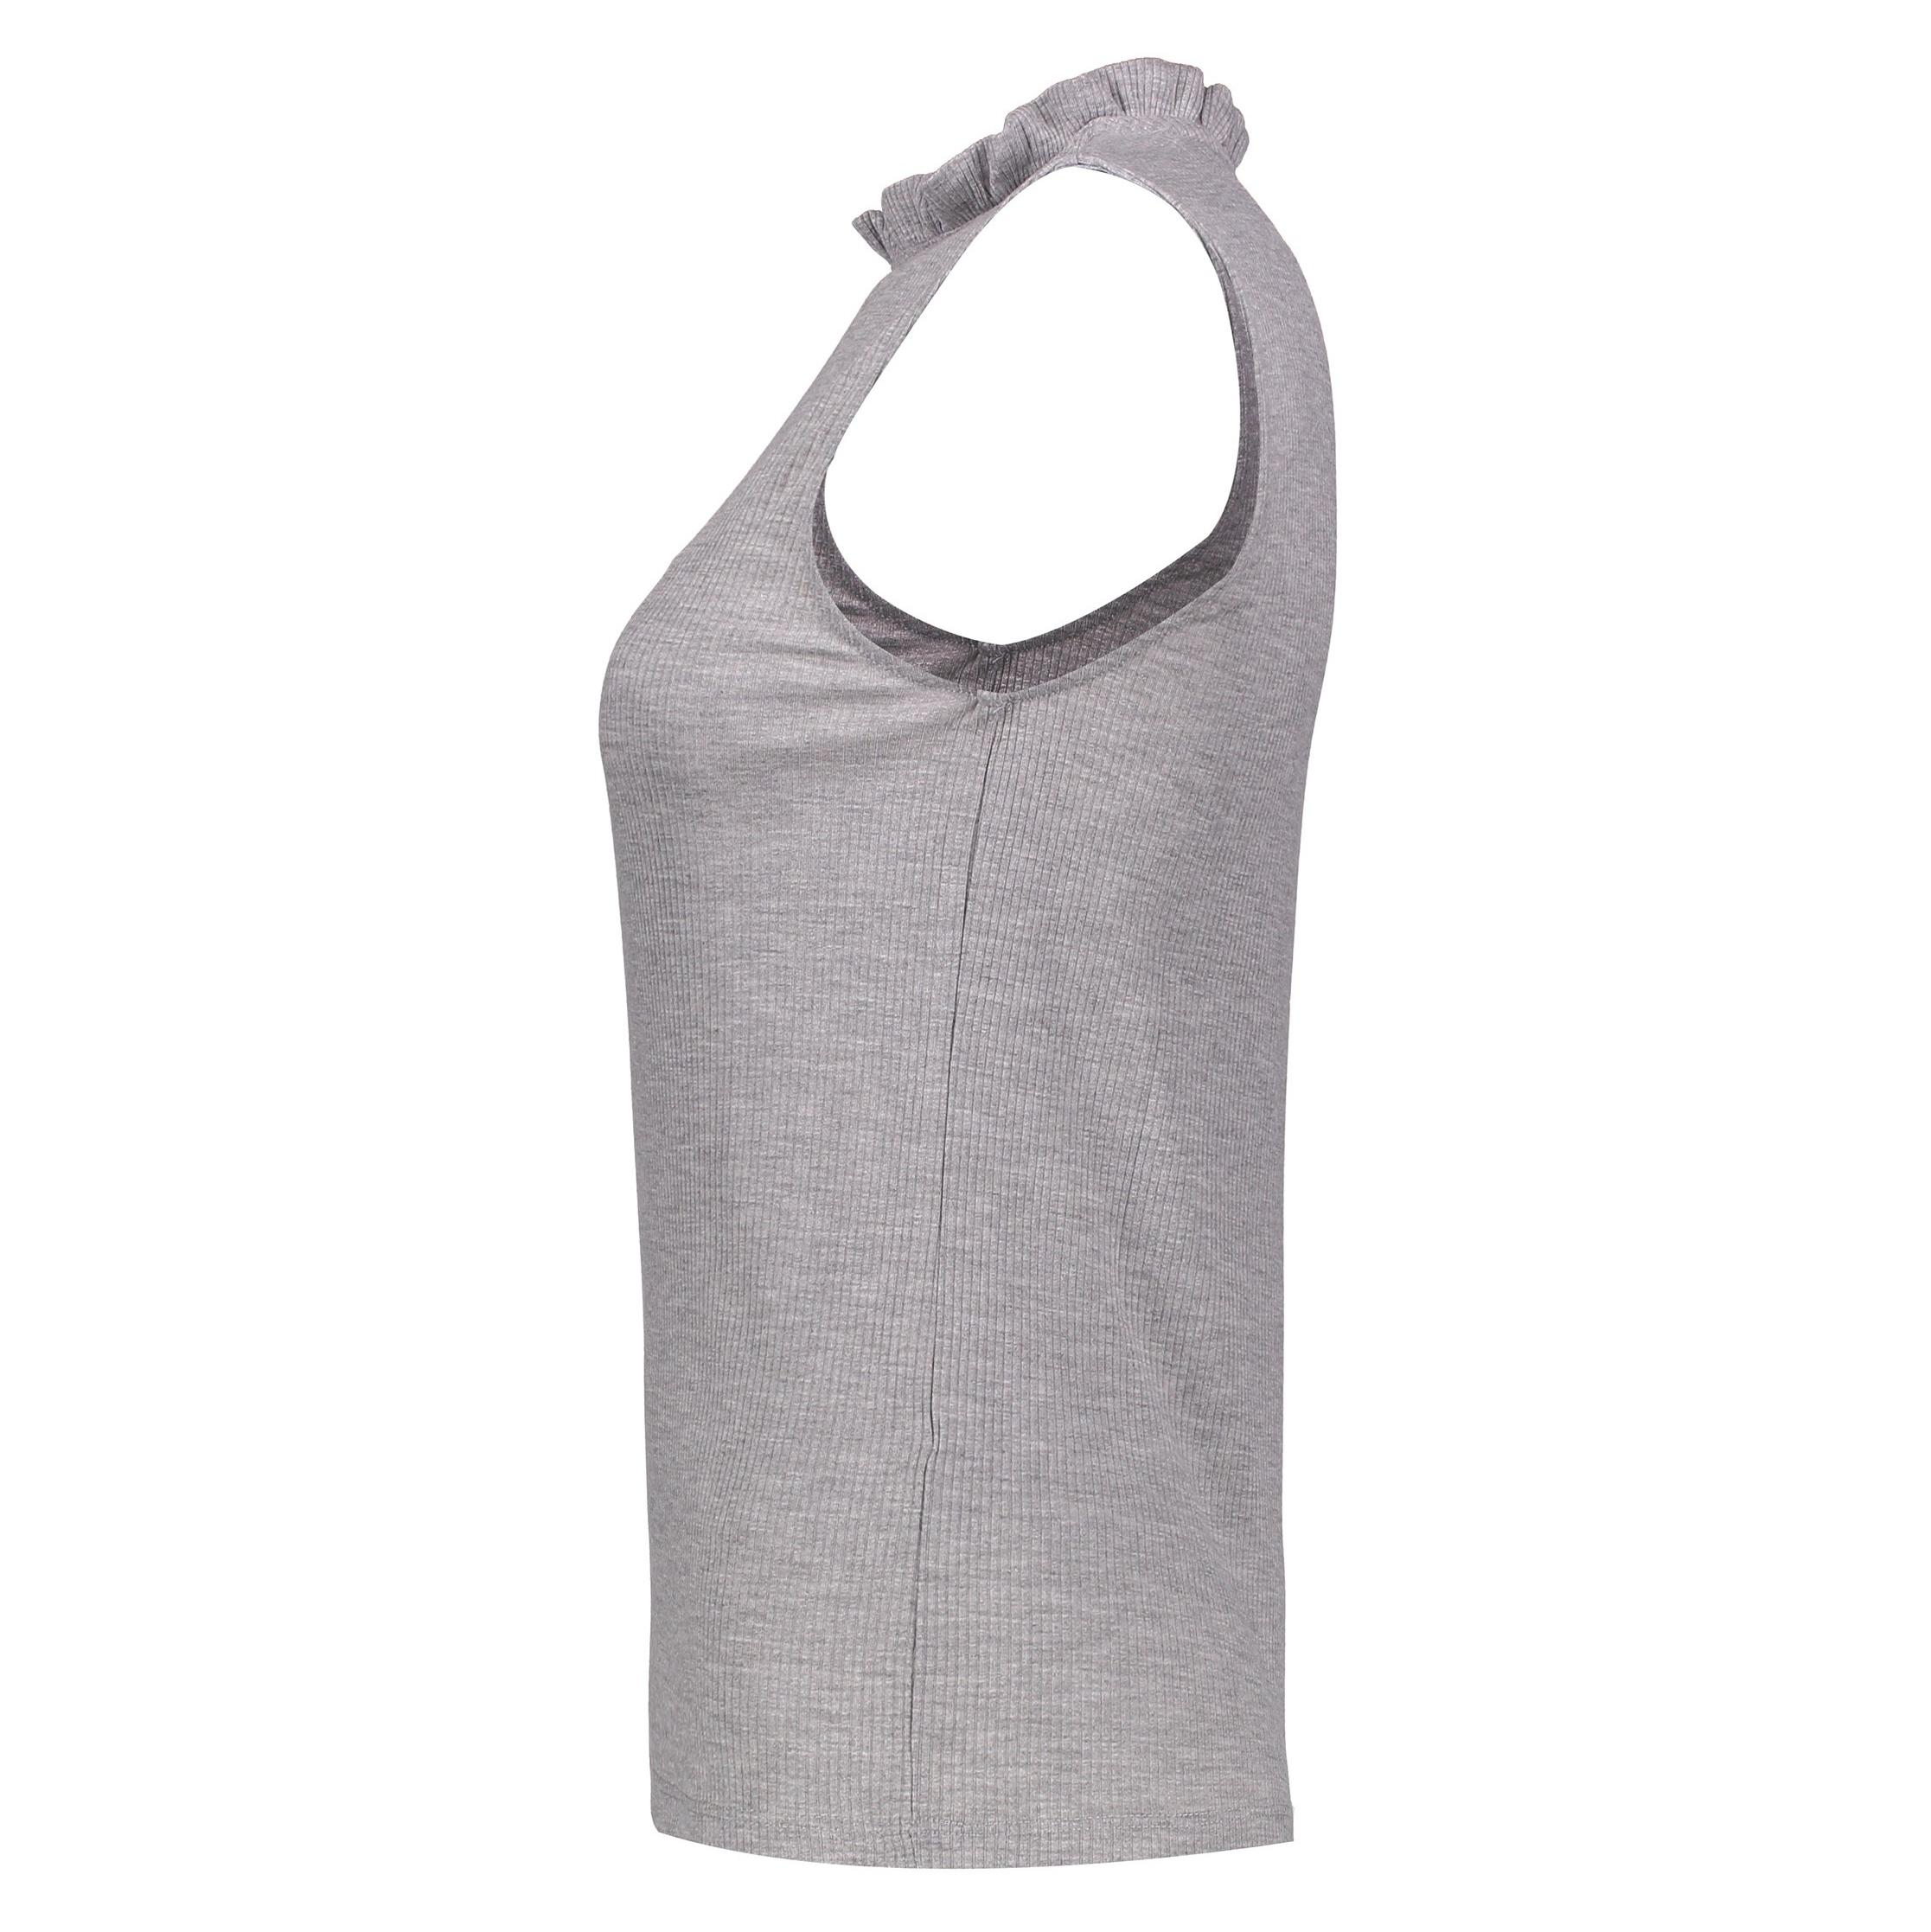 تی شرت آستین حلقه ای زنانه - پی سز - طوسي ملانژ - 4